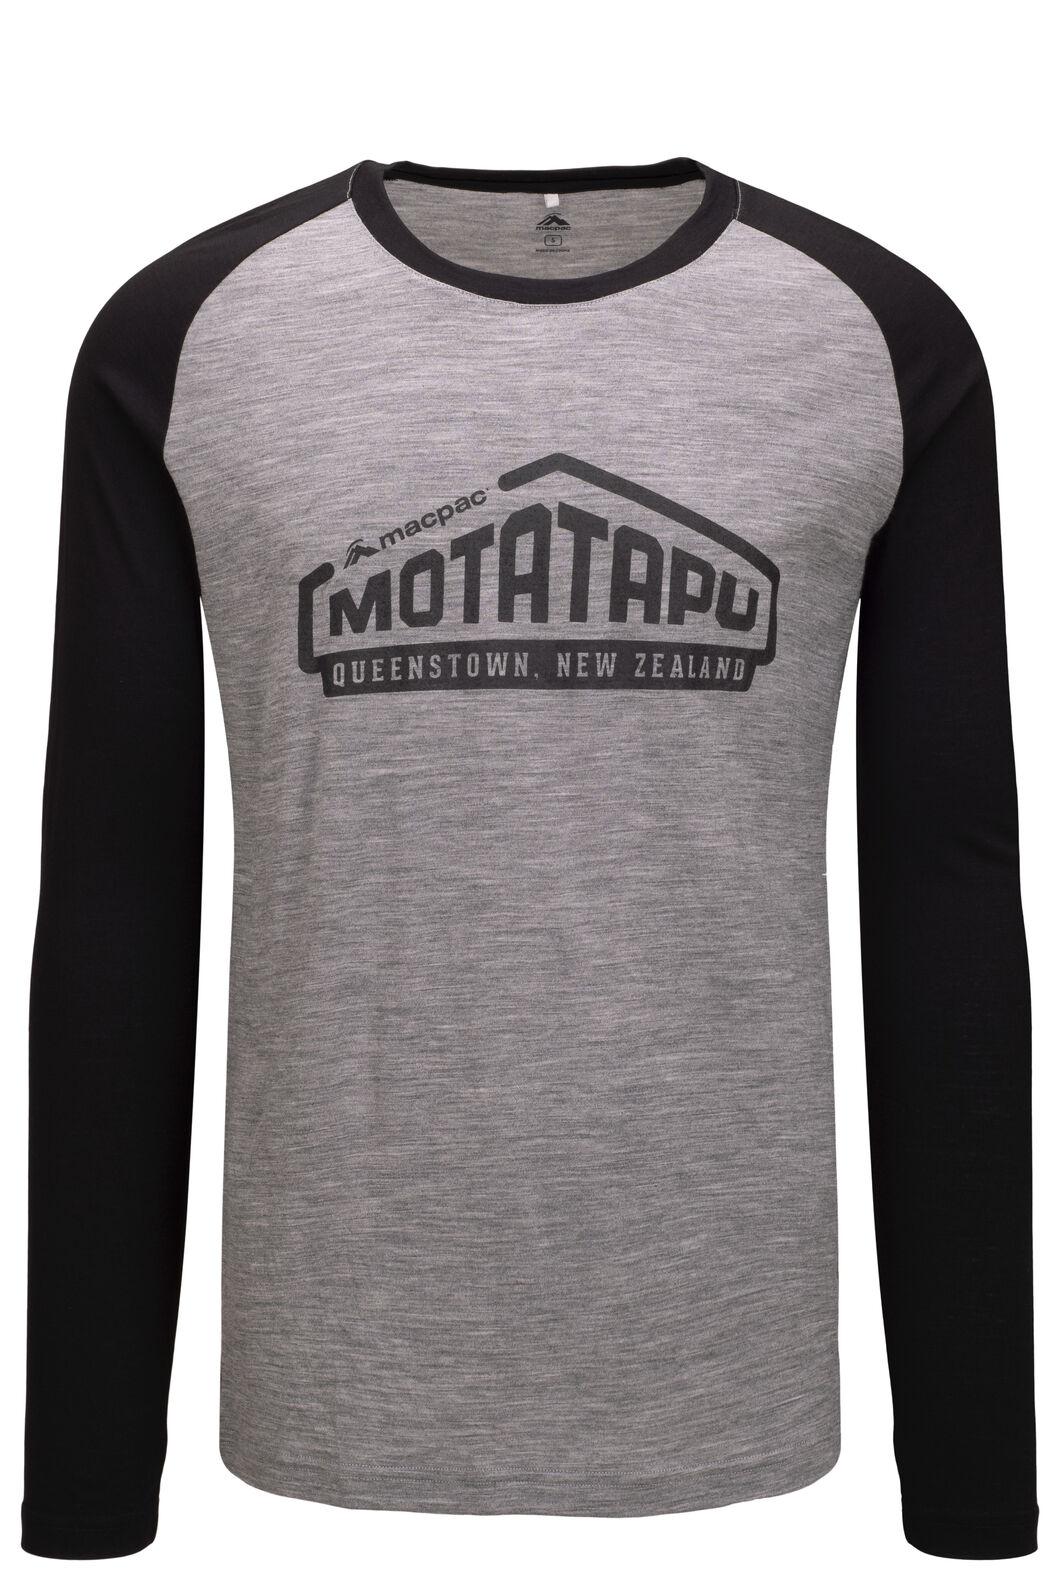 Macpac Men's Motatapu 180 Merino Long Sleeve Tee, Black/ Mid Grey Marle, hi-res